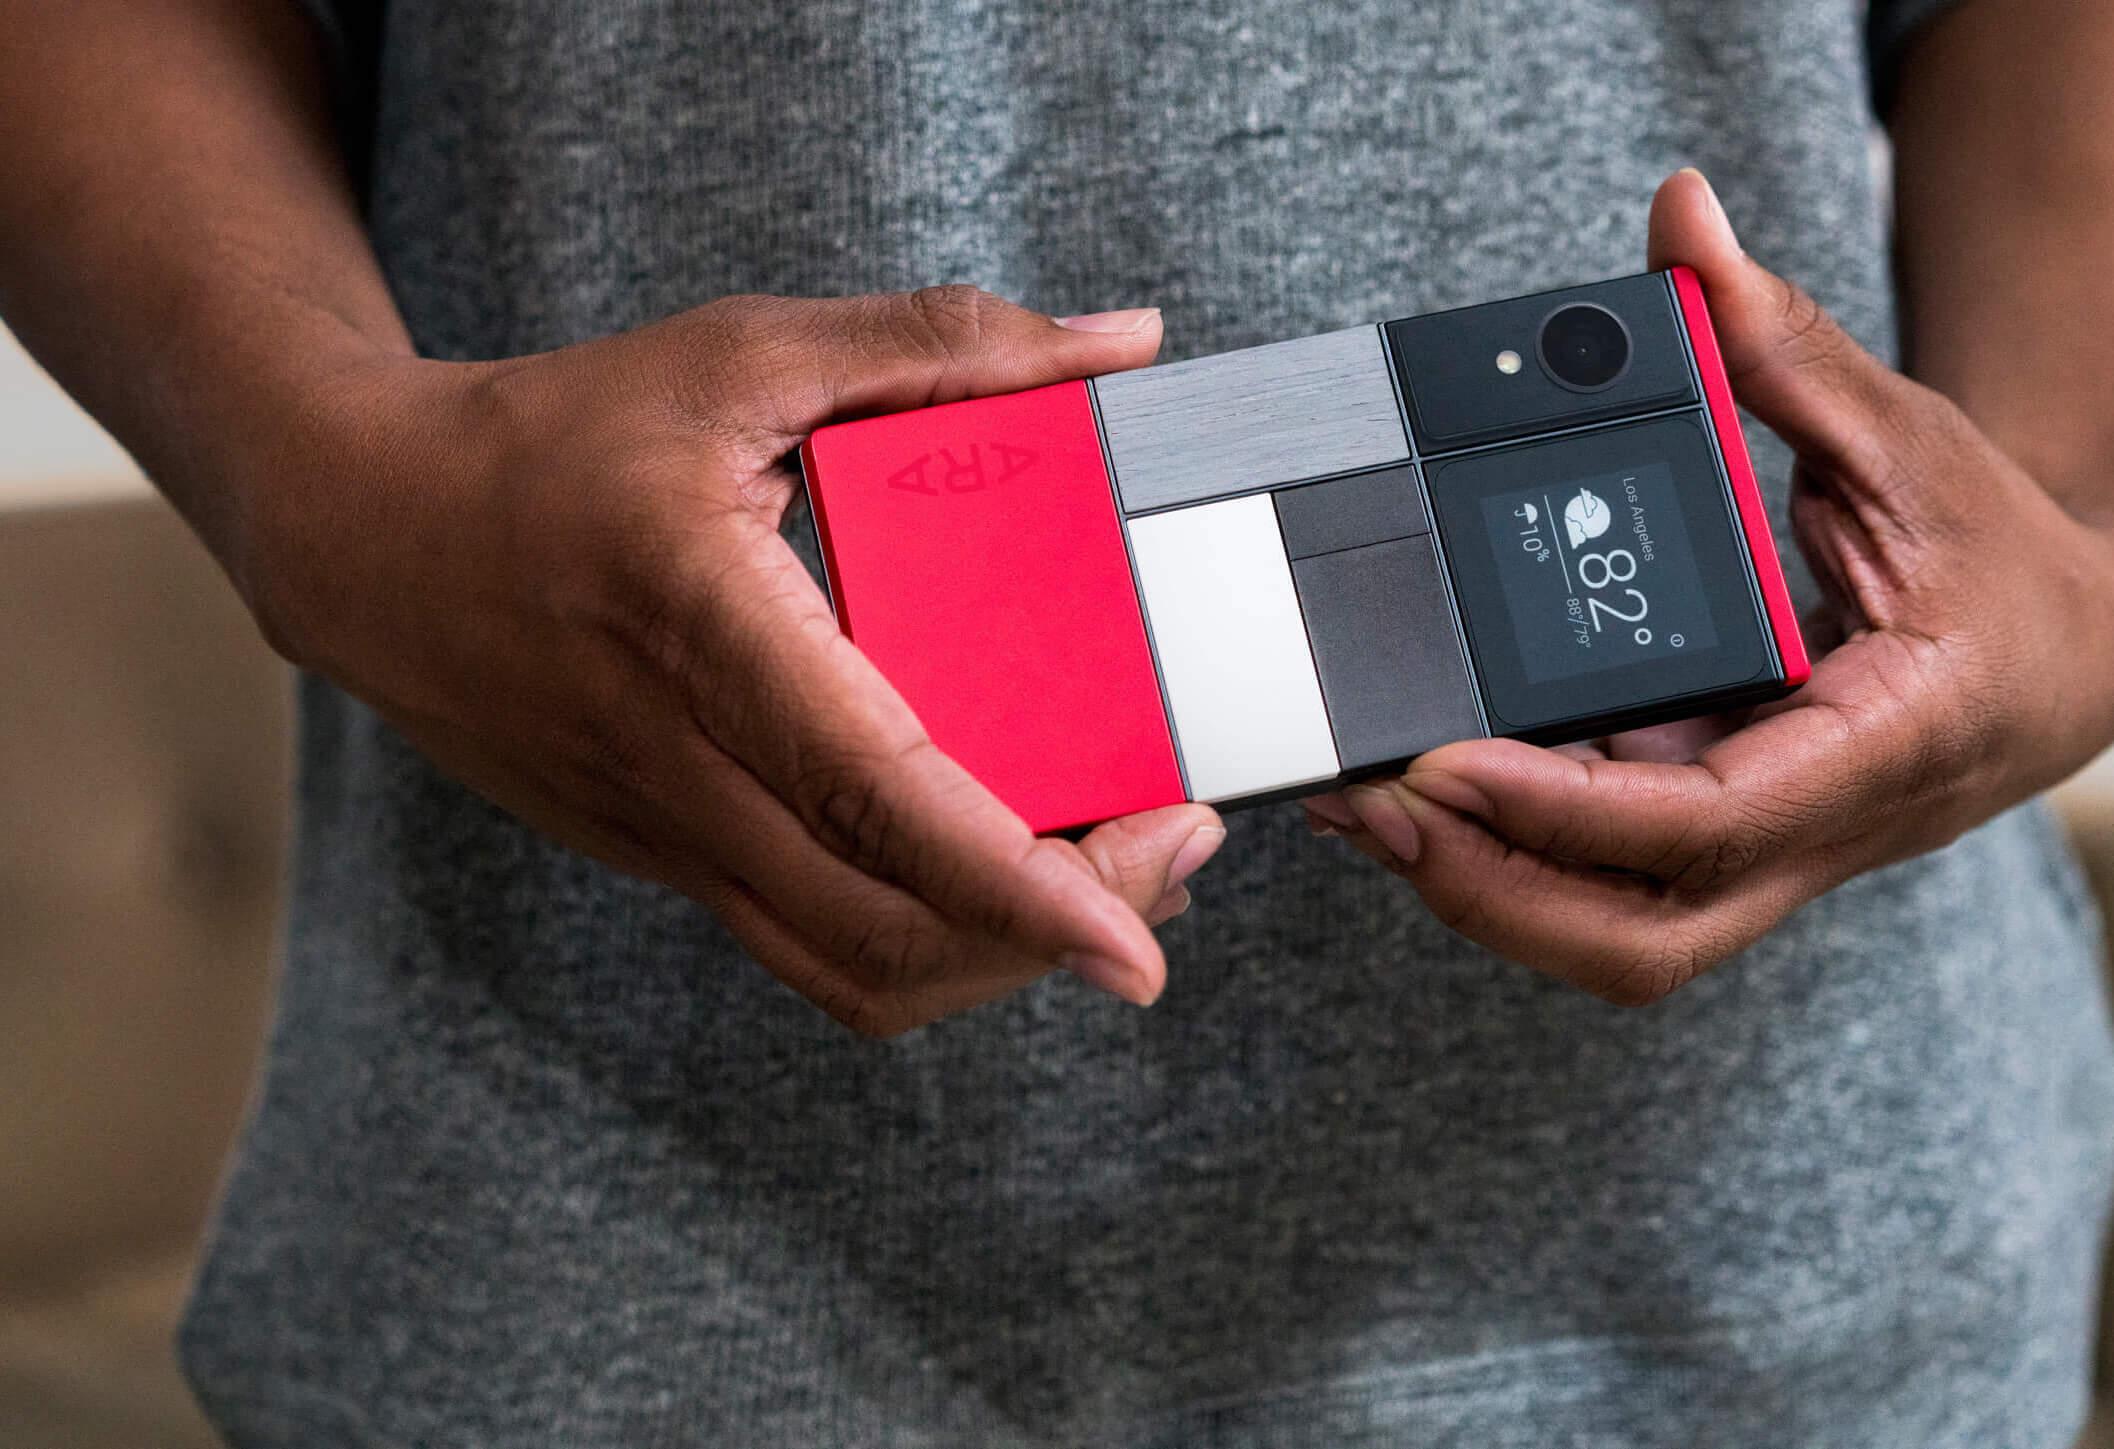 Coś się ruszyło w sprawie Google Ara - modularny smartfon kupisz już w przyszłym roku 29